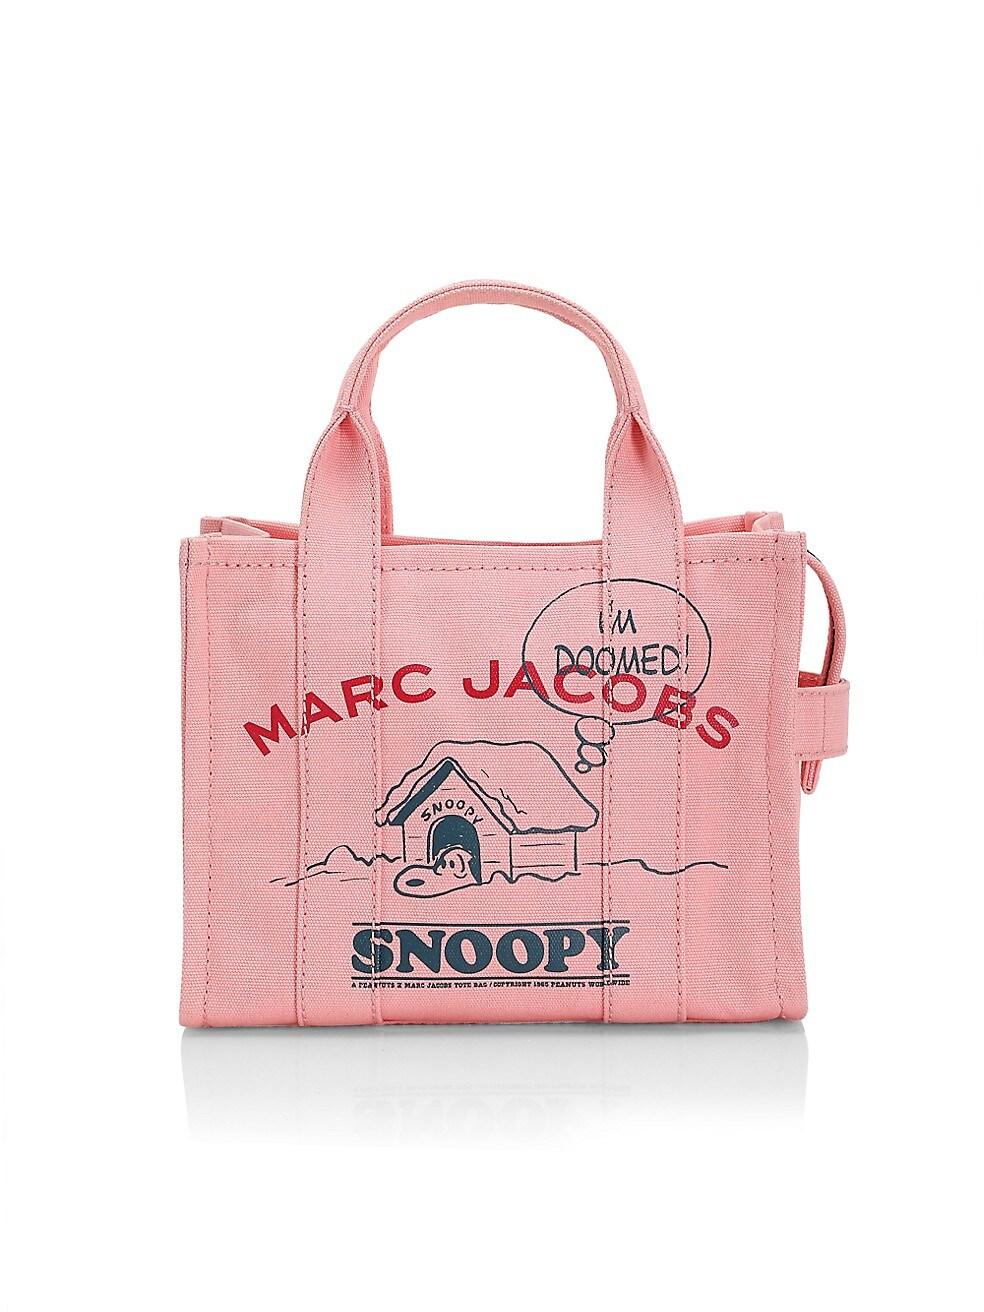 마크 제이콥스 X 피너츠 스누피 토트백 Peanuts x Marc Jacobs Mini The Snoopy Traveler Tote,PINK